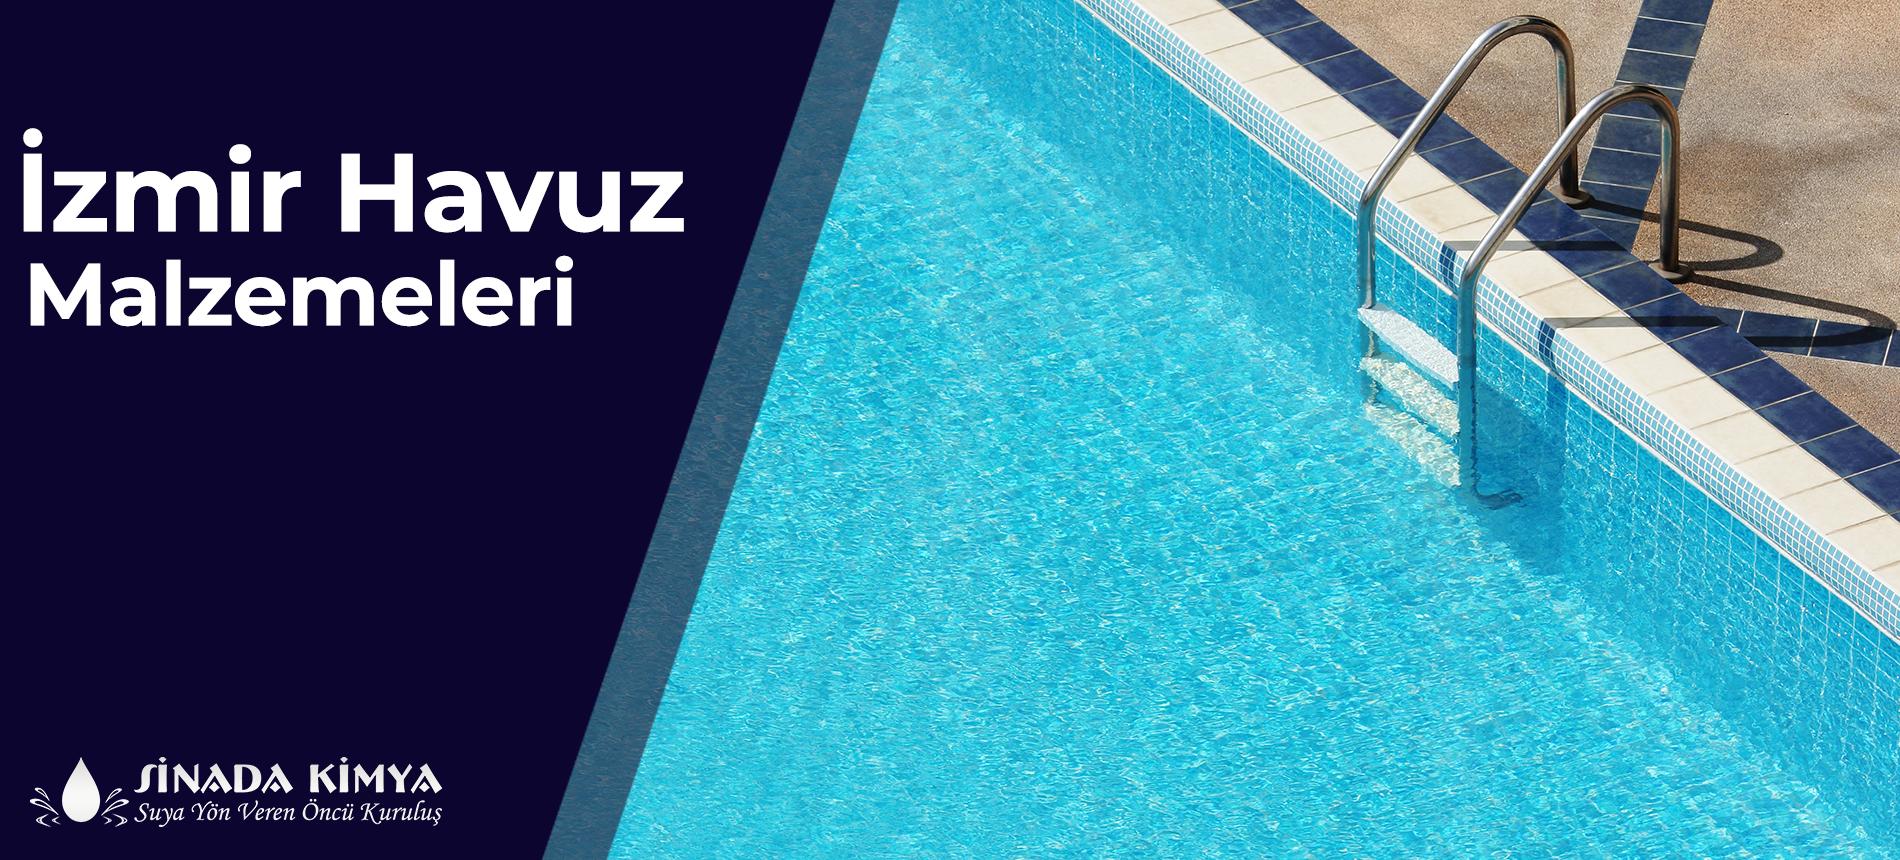 İzmir Havuz Malzemeleri